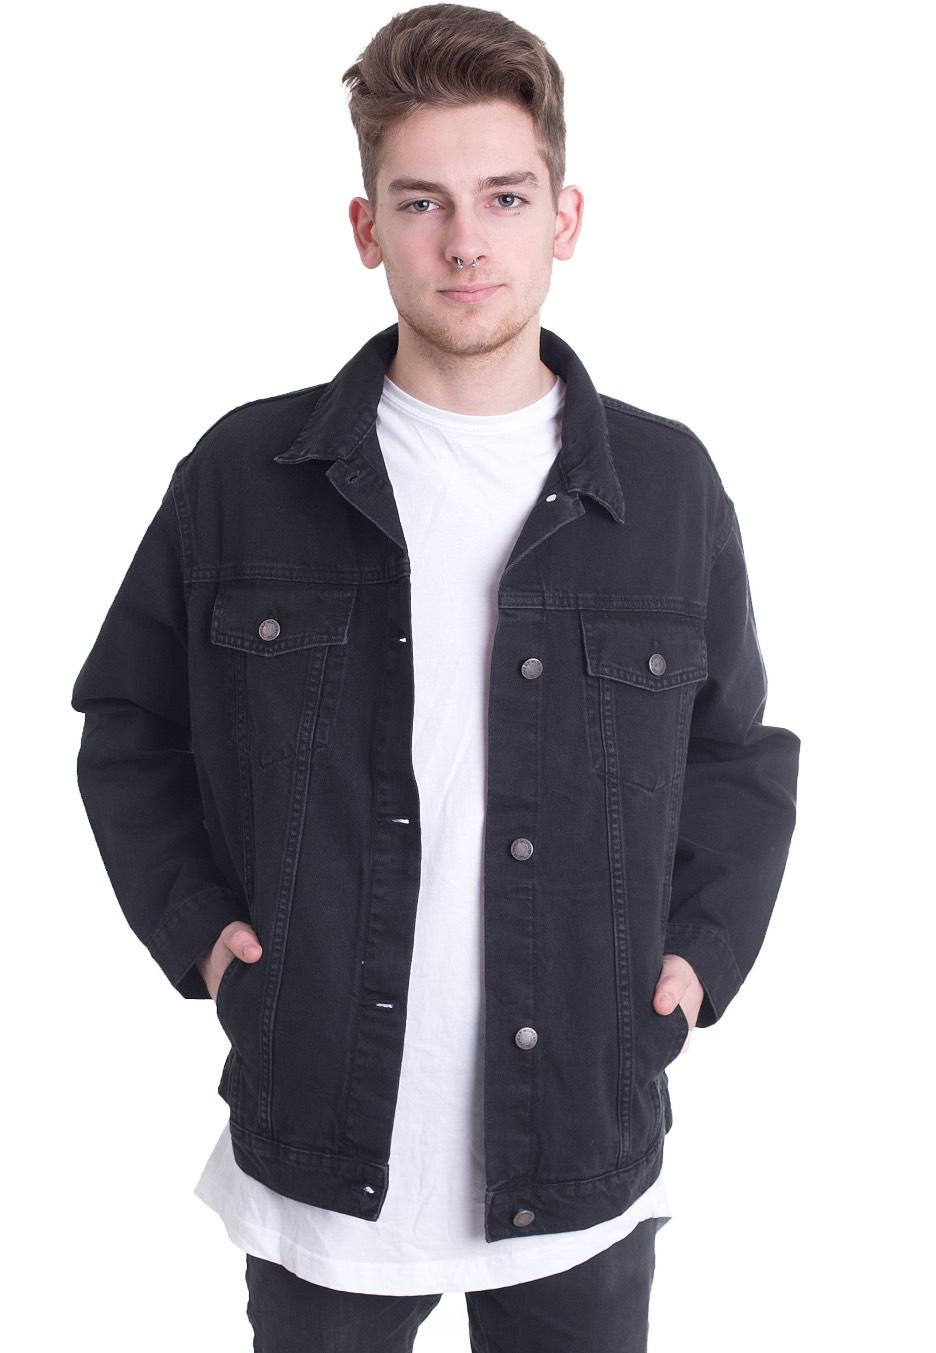 b19020af524c Cheap Monday - Upsize Dust Black - Jeans Jacket - Impericon.com US